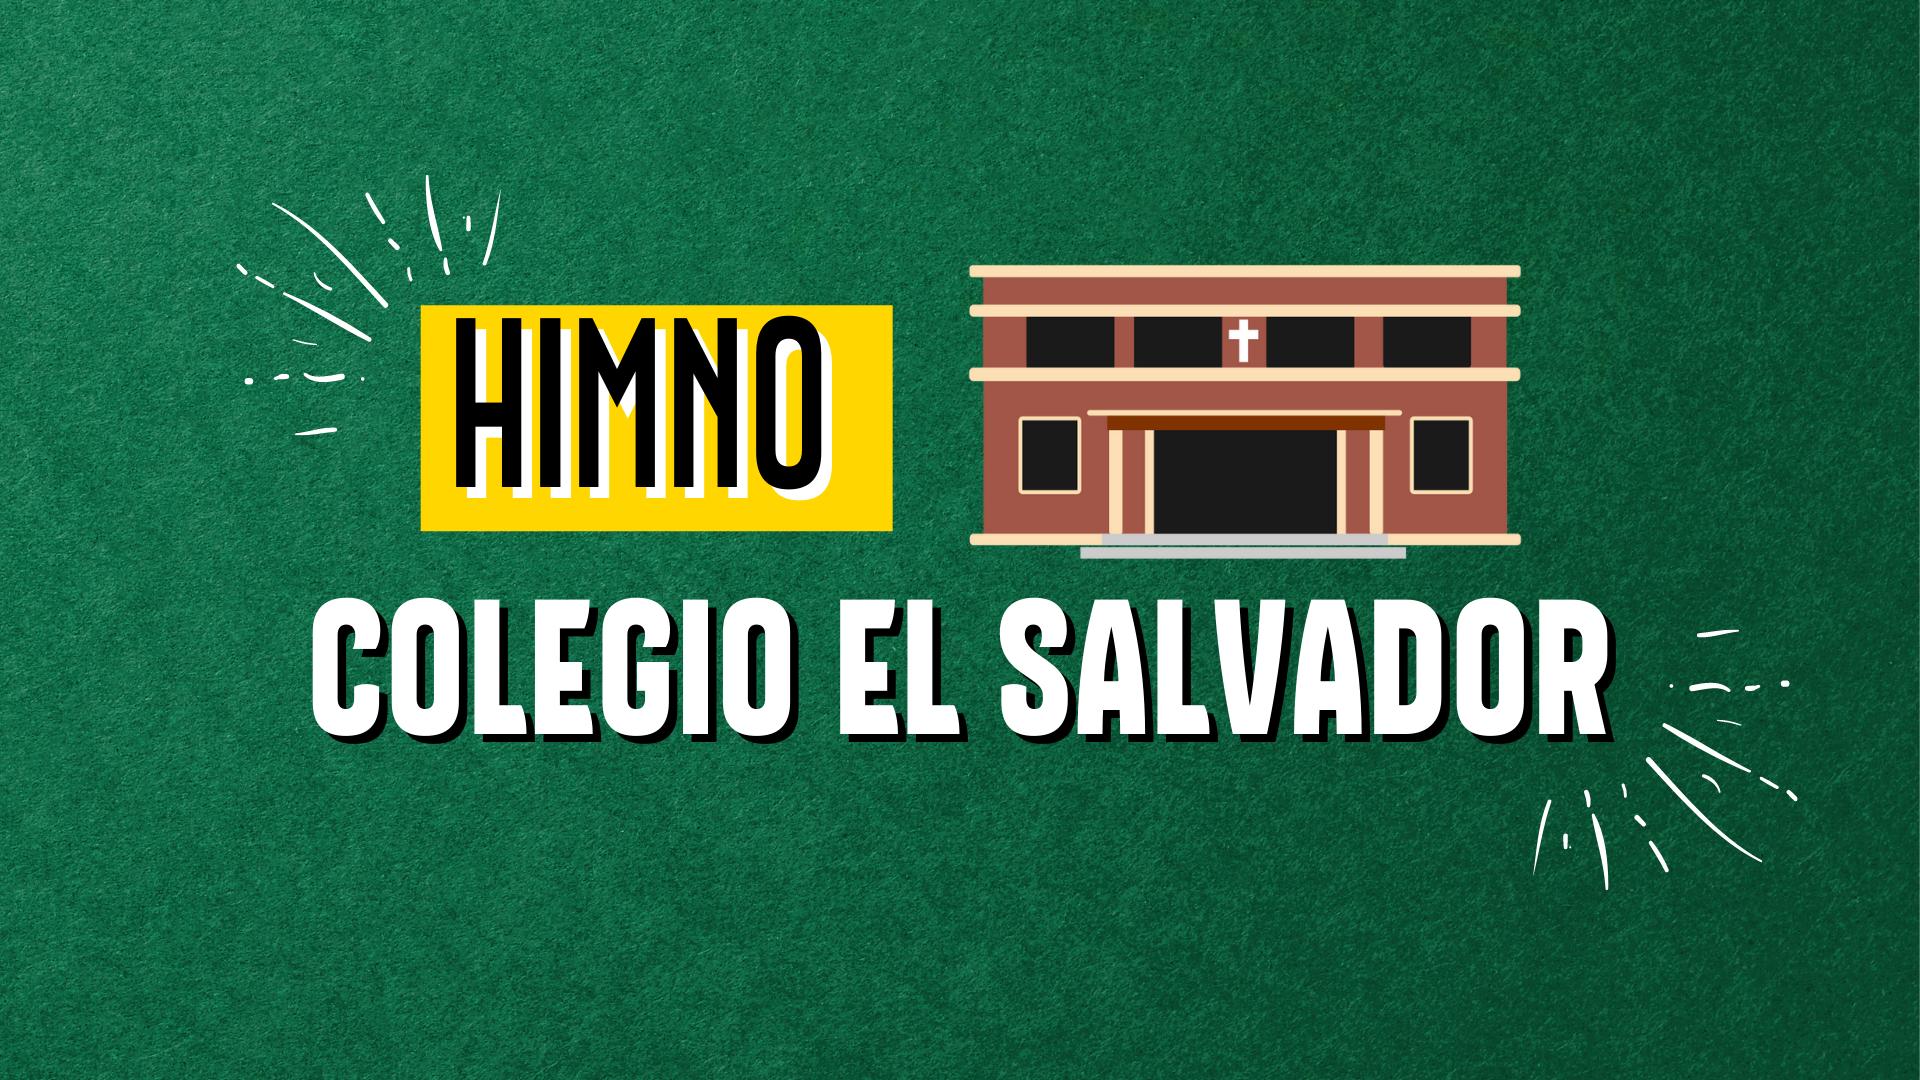 HIMNO COLEGIO EL SALVADOR